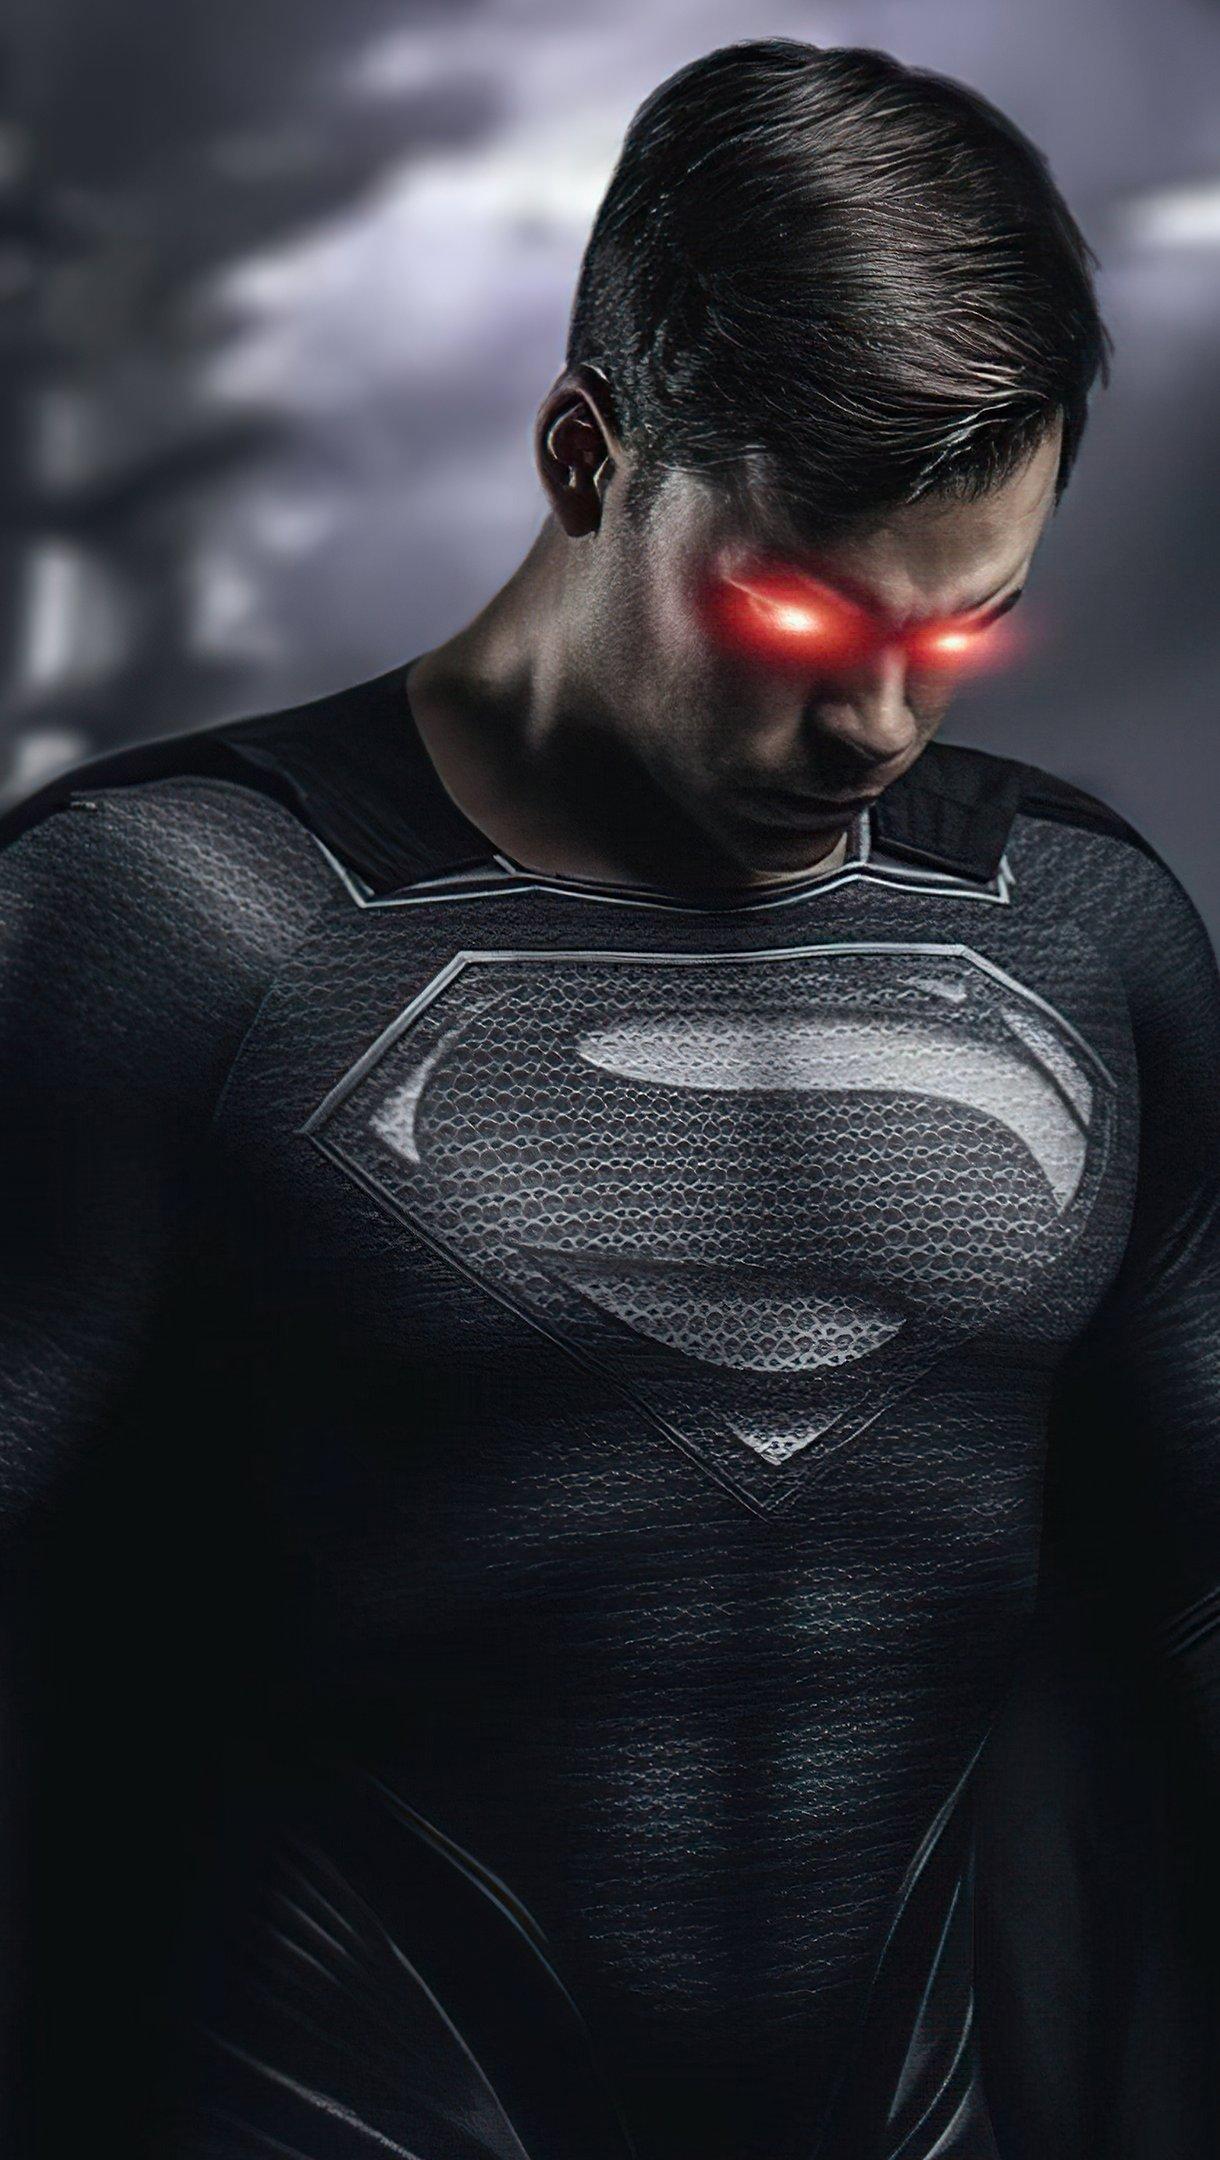 Fondos de pantalla Superman en traje negro y ojos rojos Vertical